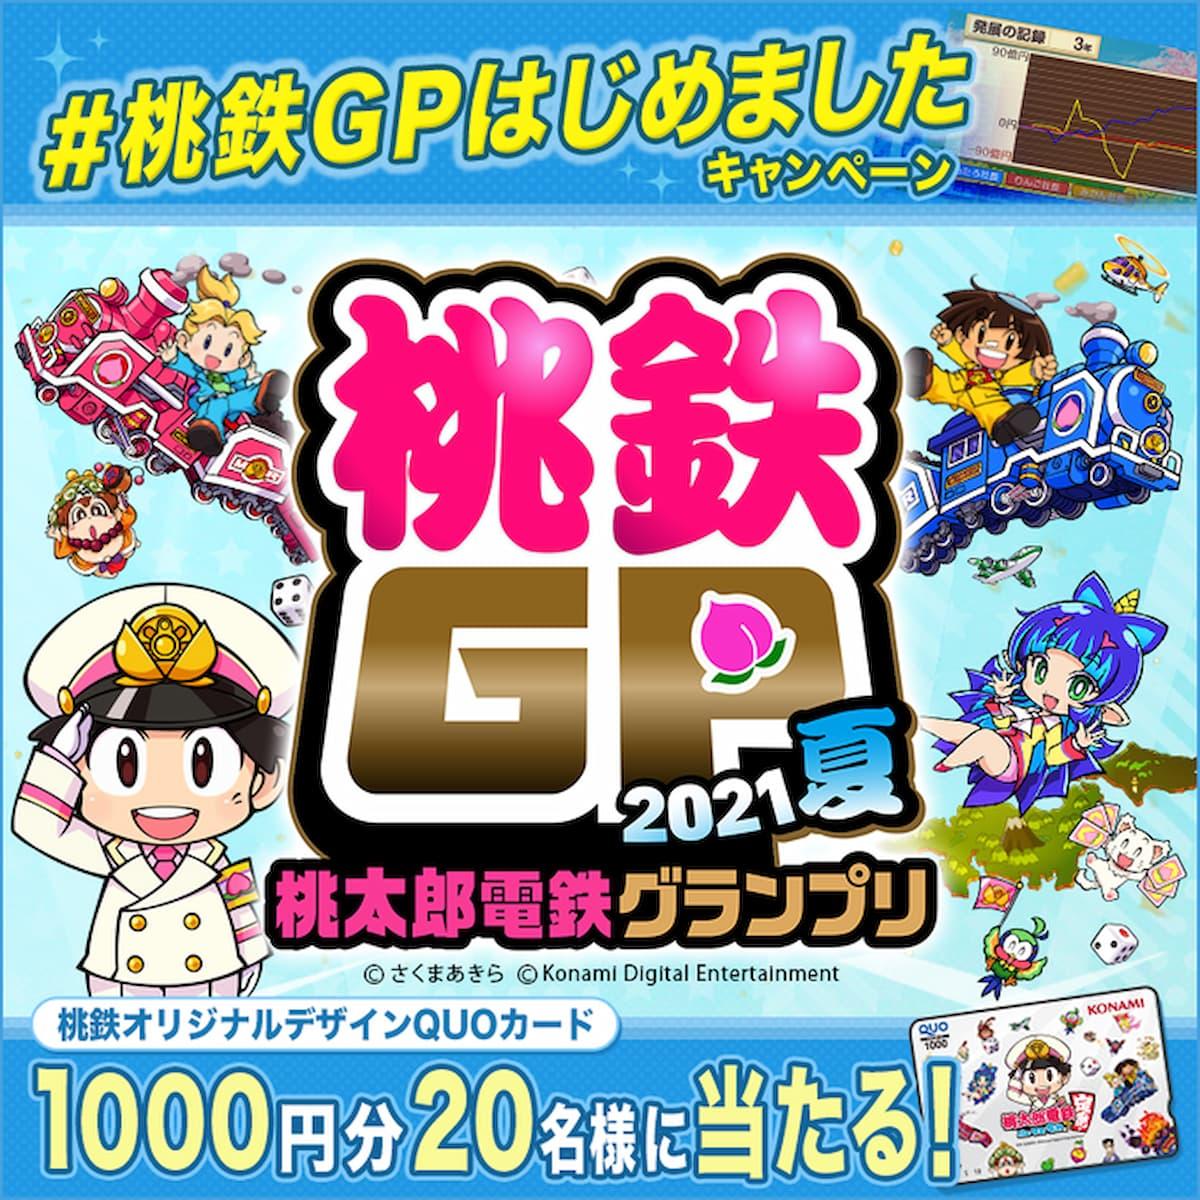 #桃鉄GPはじめましたキャンペーン